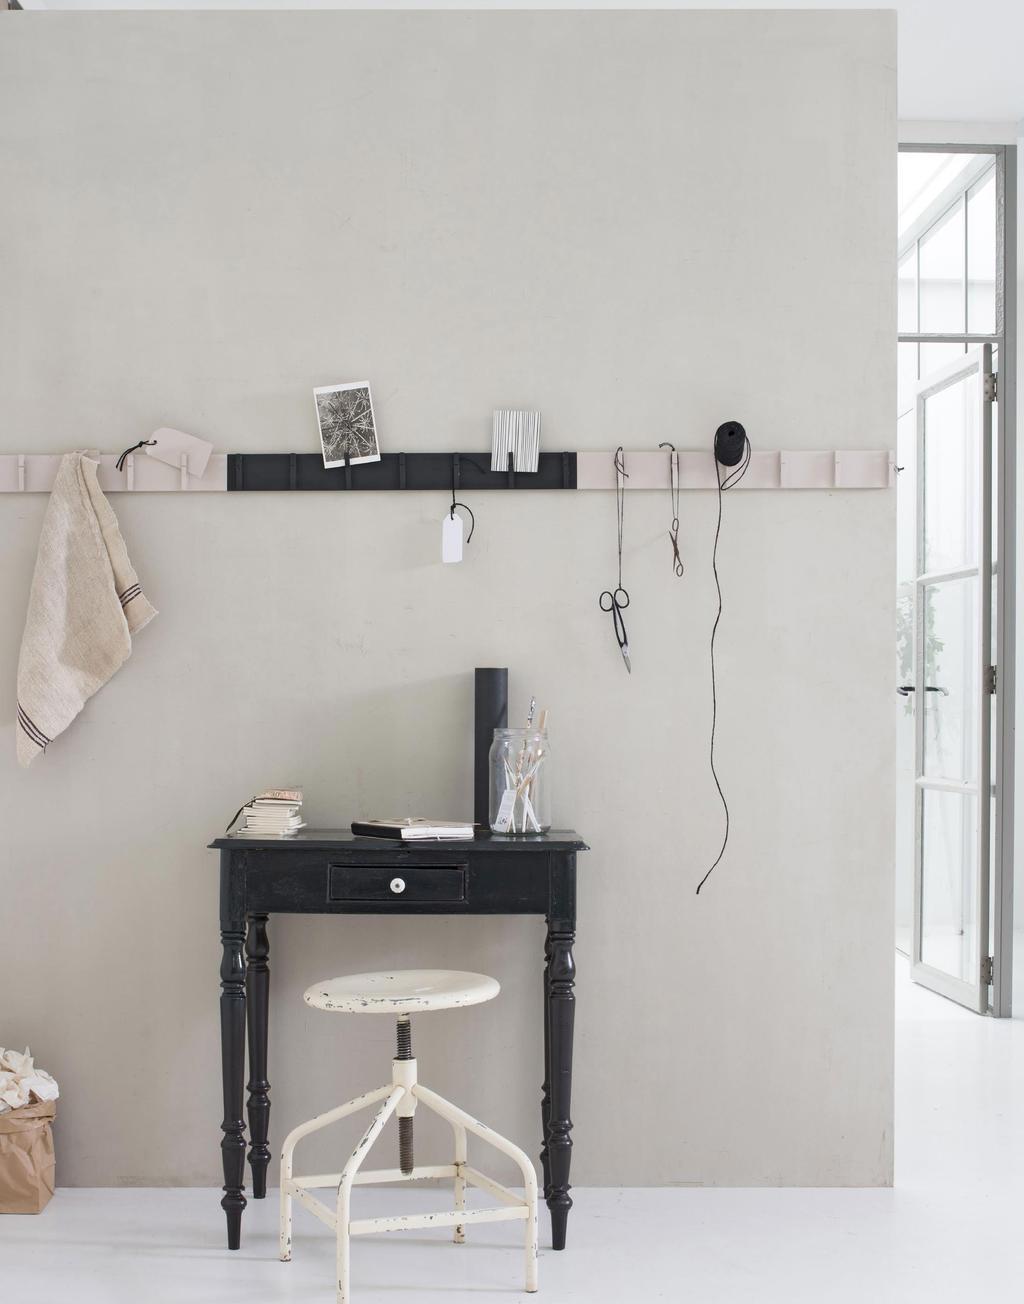 DIY kapstok maken wasknijpers